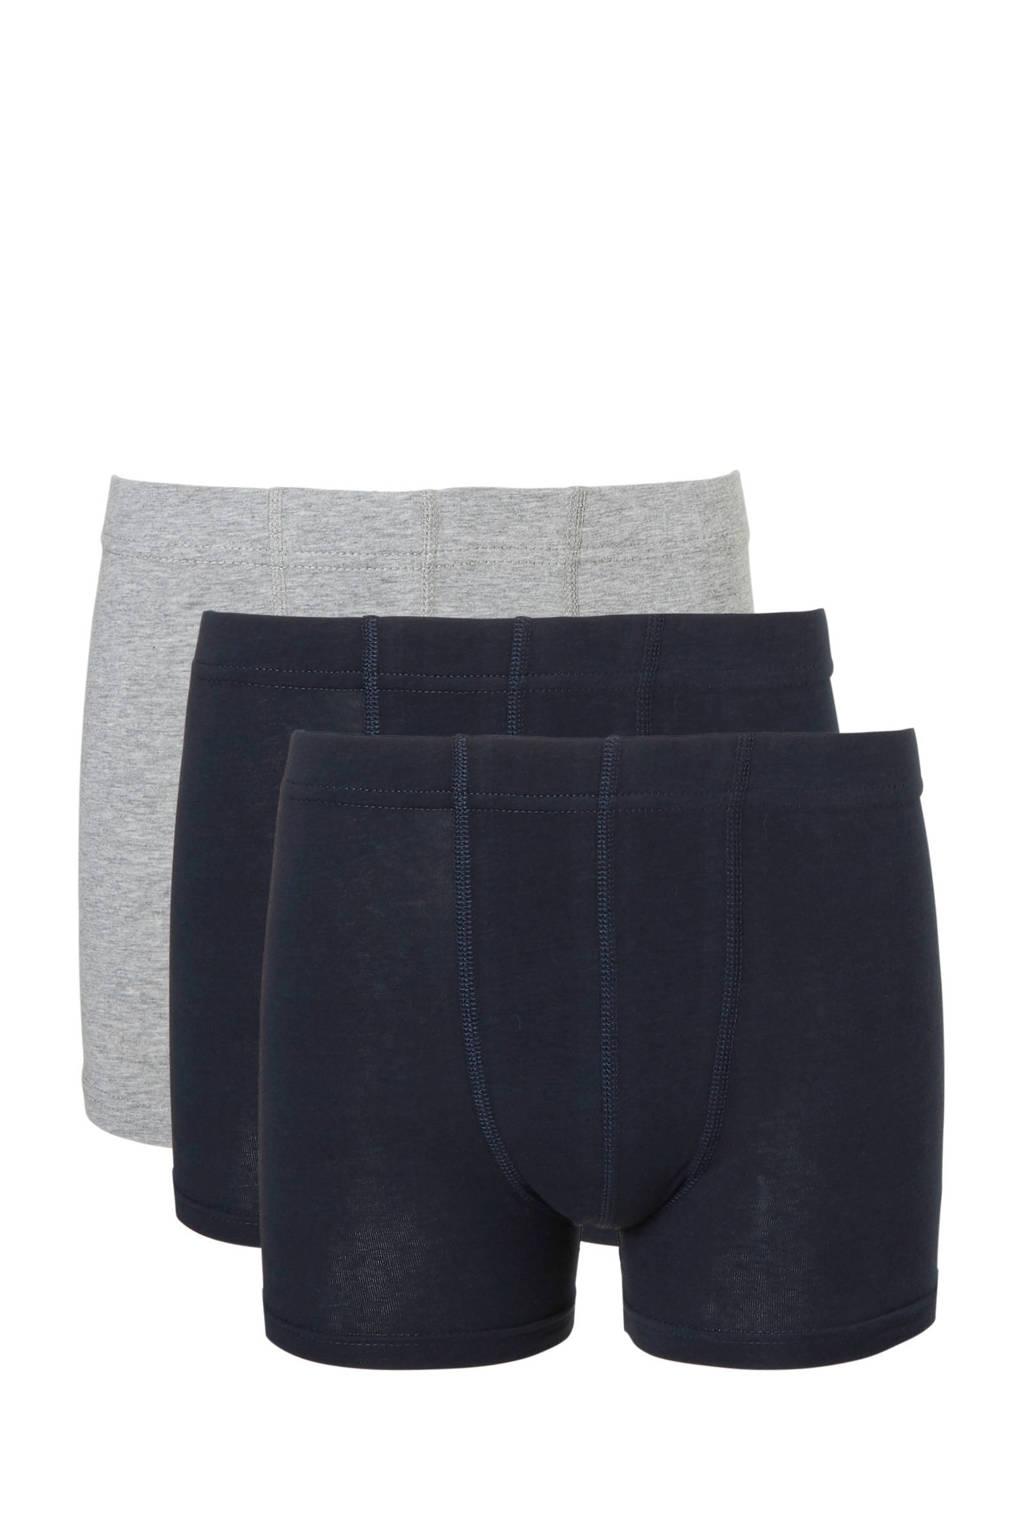 NAME IT Junior  boxershort - set van 3, Zwart/blauw/grijs